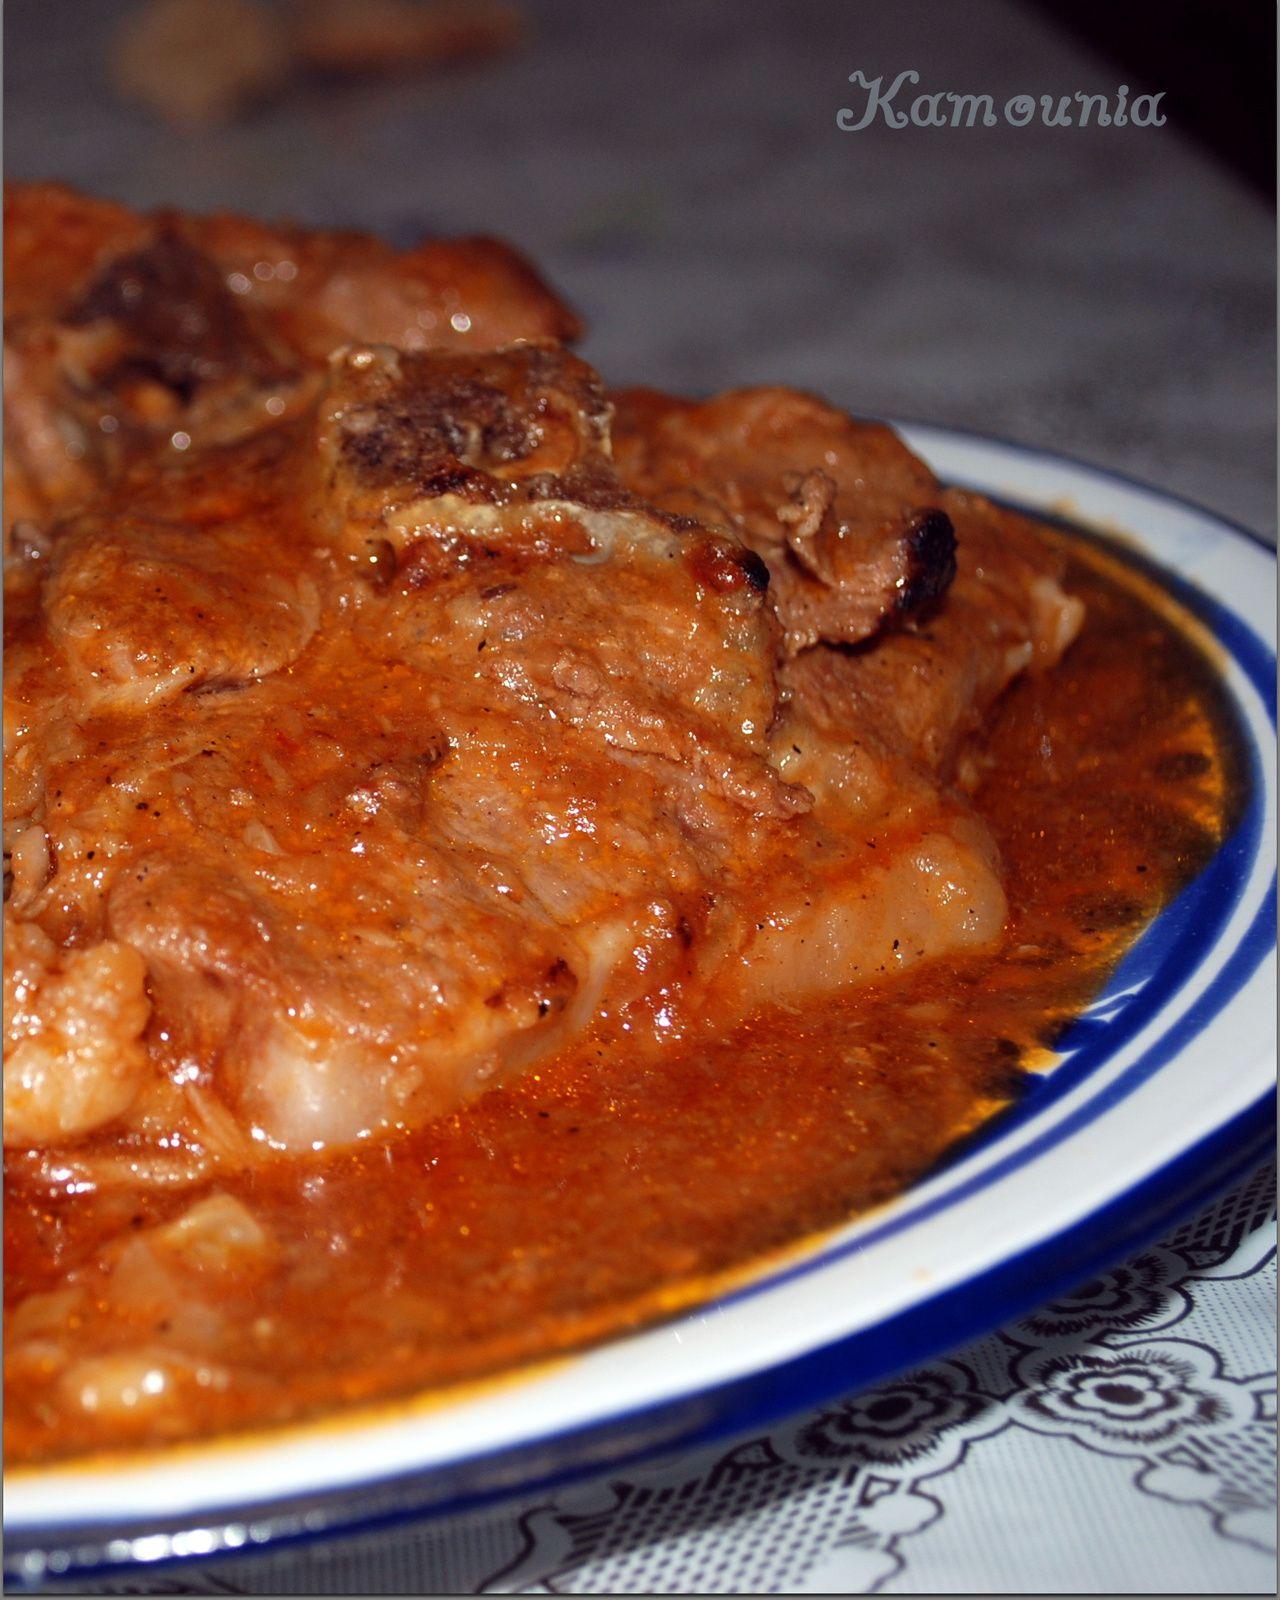 La vraie recette de kamounia Egyptienne